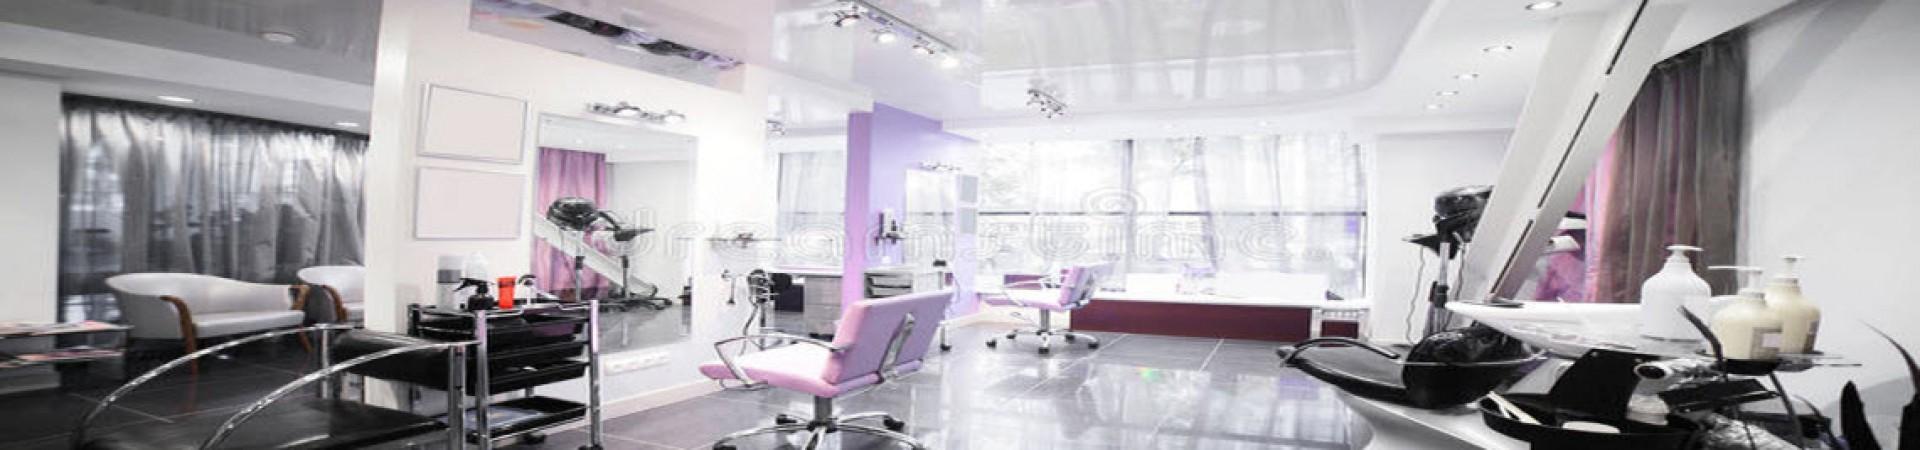 Beautistics Salon